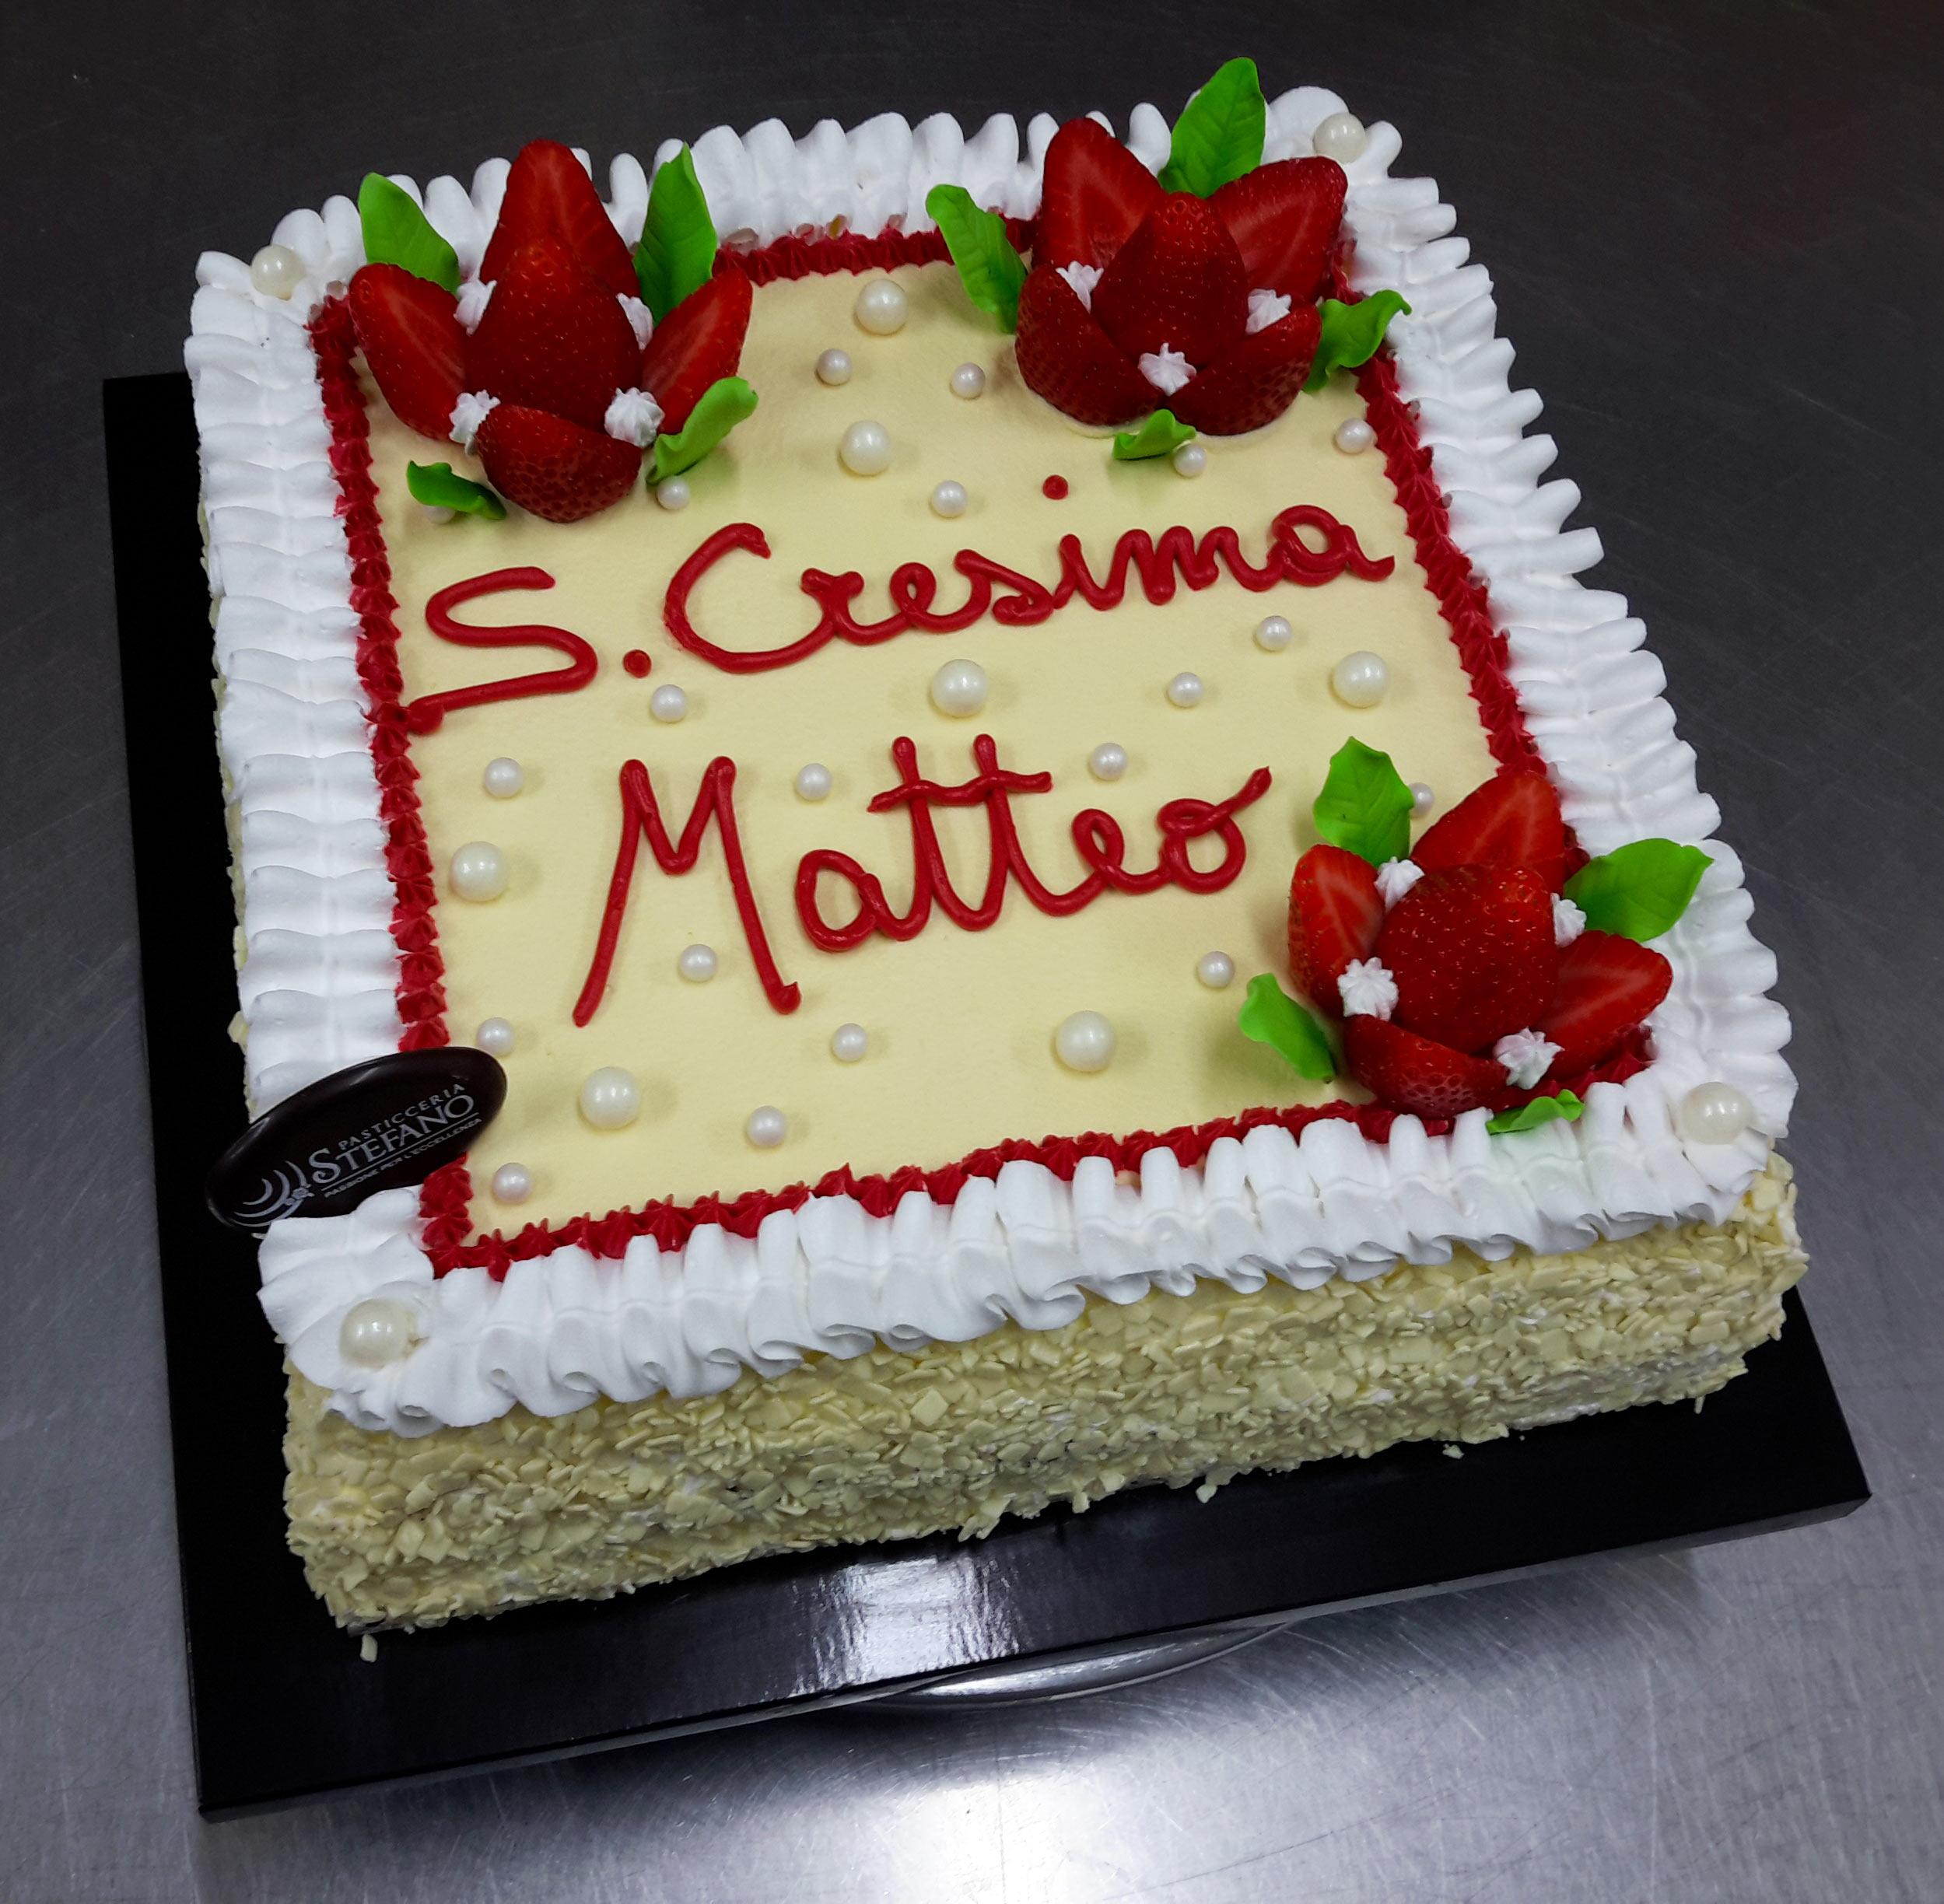 Ciuffetto Rosso. Brillante torta quadrata finita superficialmente con